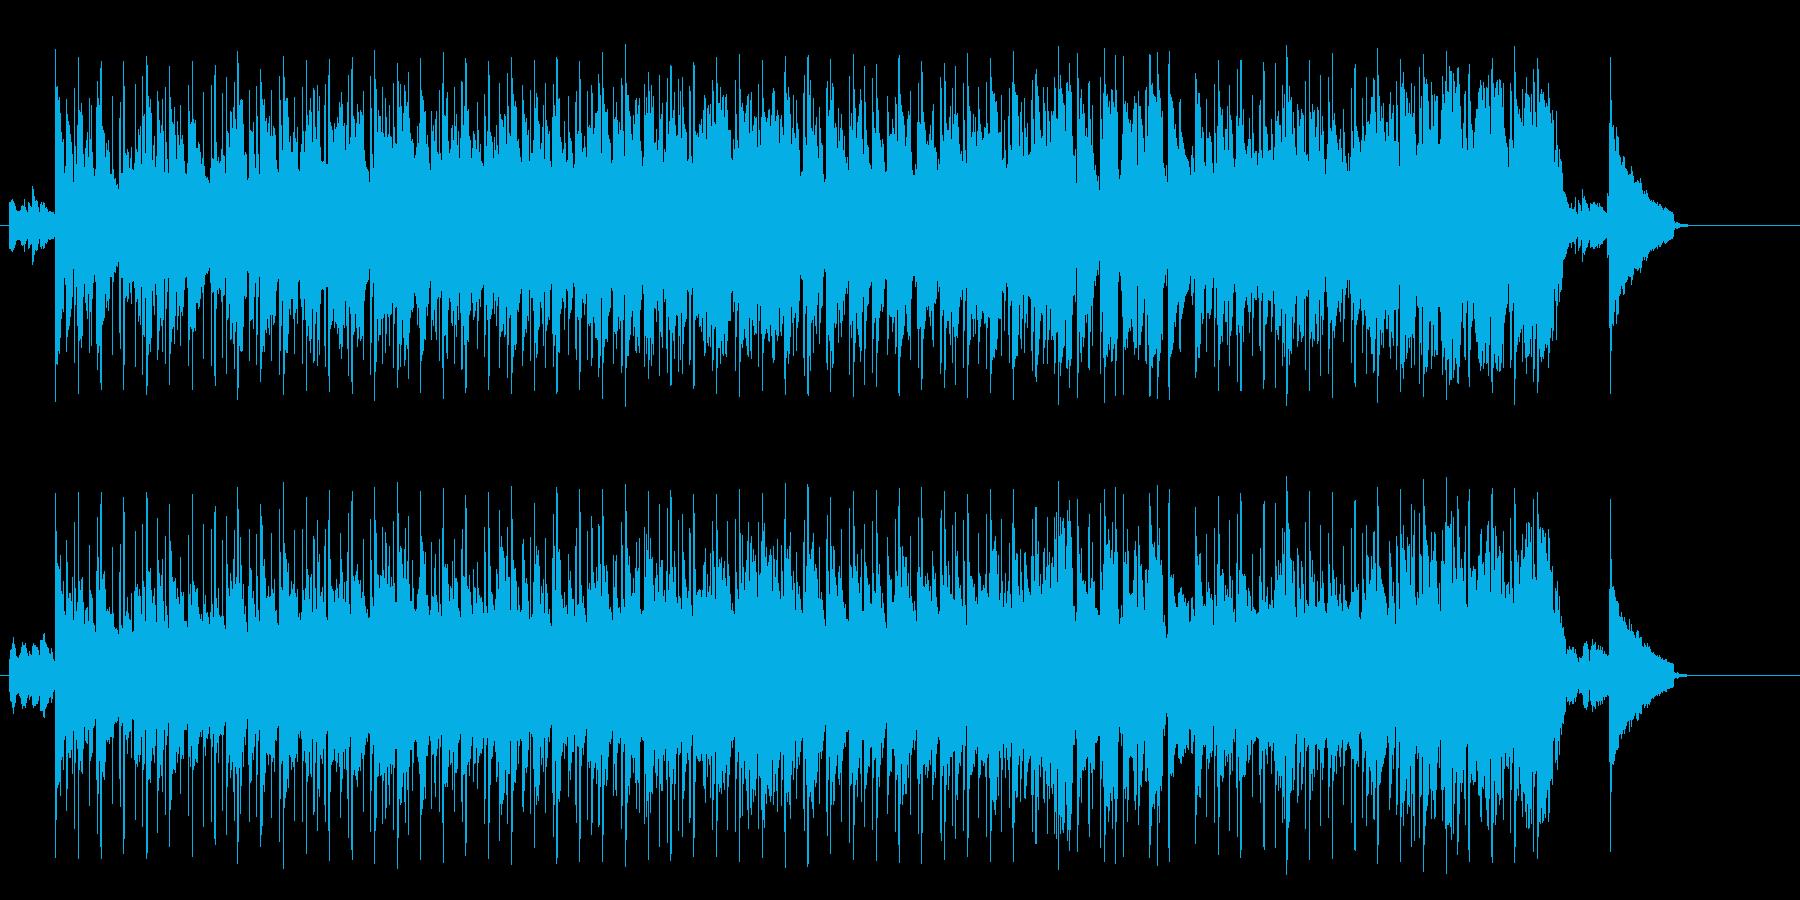 しっとりとしたBG/イージーリスニングの再生済みの波形